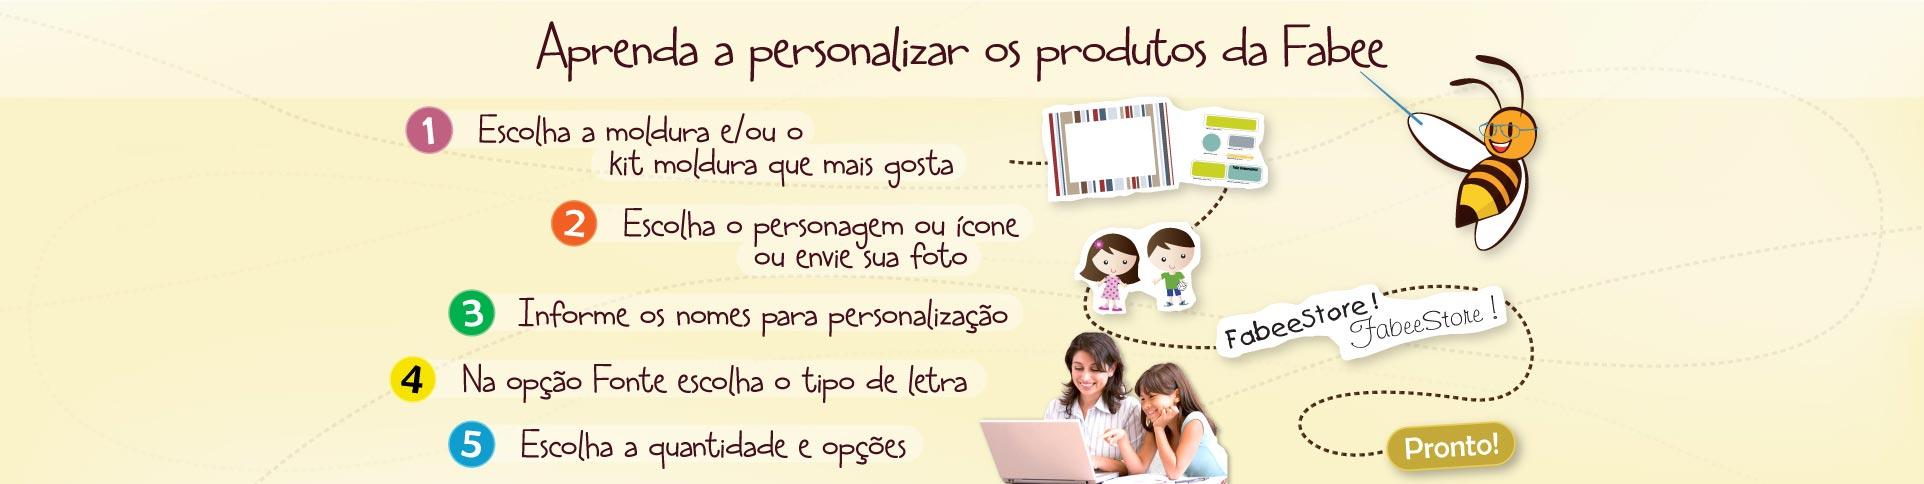 Aprenda a personalizar os produtos da Fabee: 1- Escolha a moldura/kit moldura. 2- Escolha o personagem ou envie sua foto. 3- Informe os nomes para personalização. 4- Escolha o tipo da letra. 5- Escolha a quantidade e as demais opção.